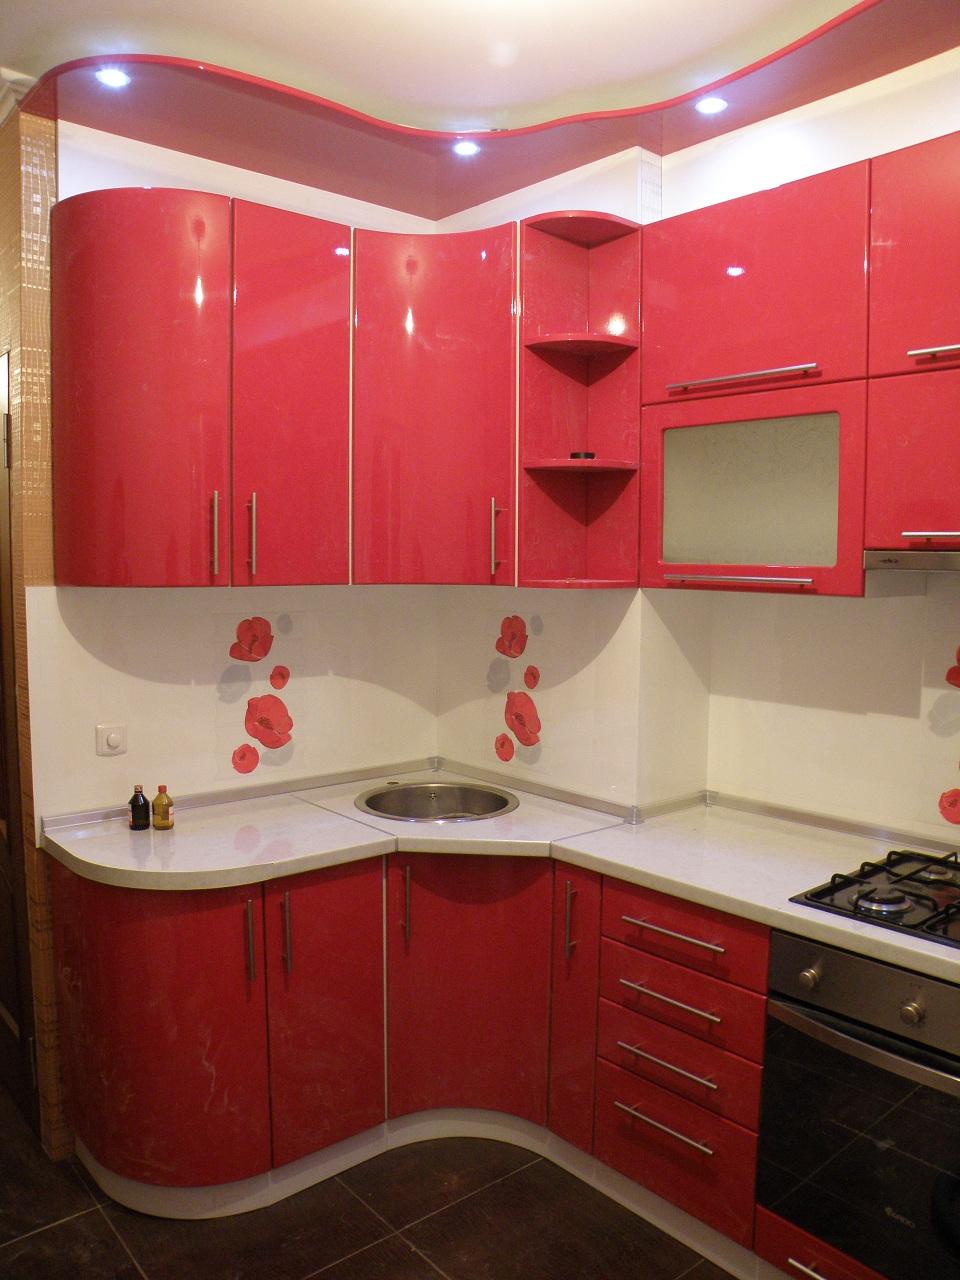 Радиусные фасады в угловой кухне – очень удобное и красивое решение для оформления ее угла.